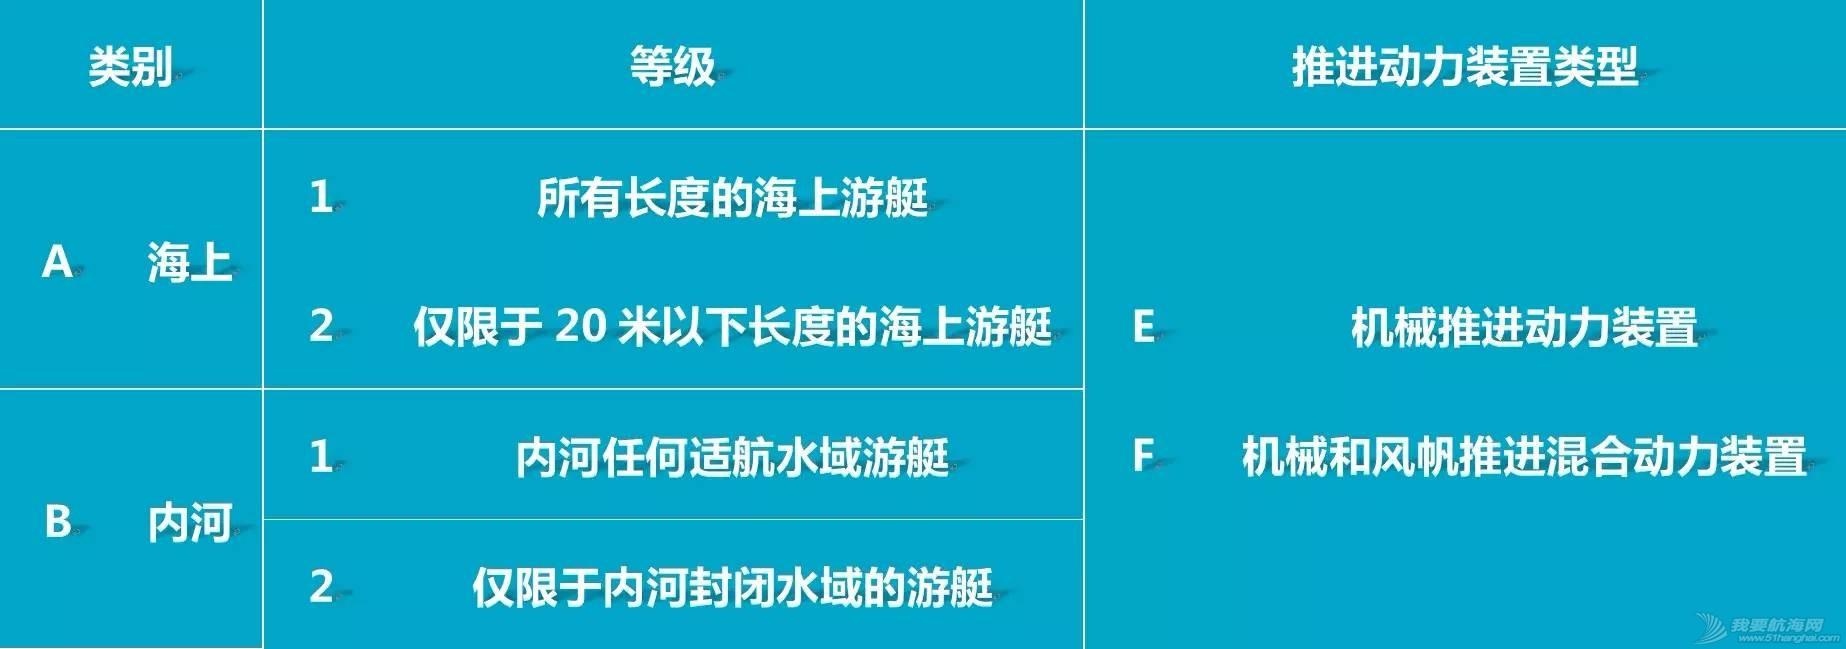 中国船级社,爱好者,朋友,驾照,国际 【科普】游艇设计类别与游艇驾照 61d60e463f1fac92ba43a23a49538174.jpg